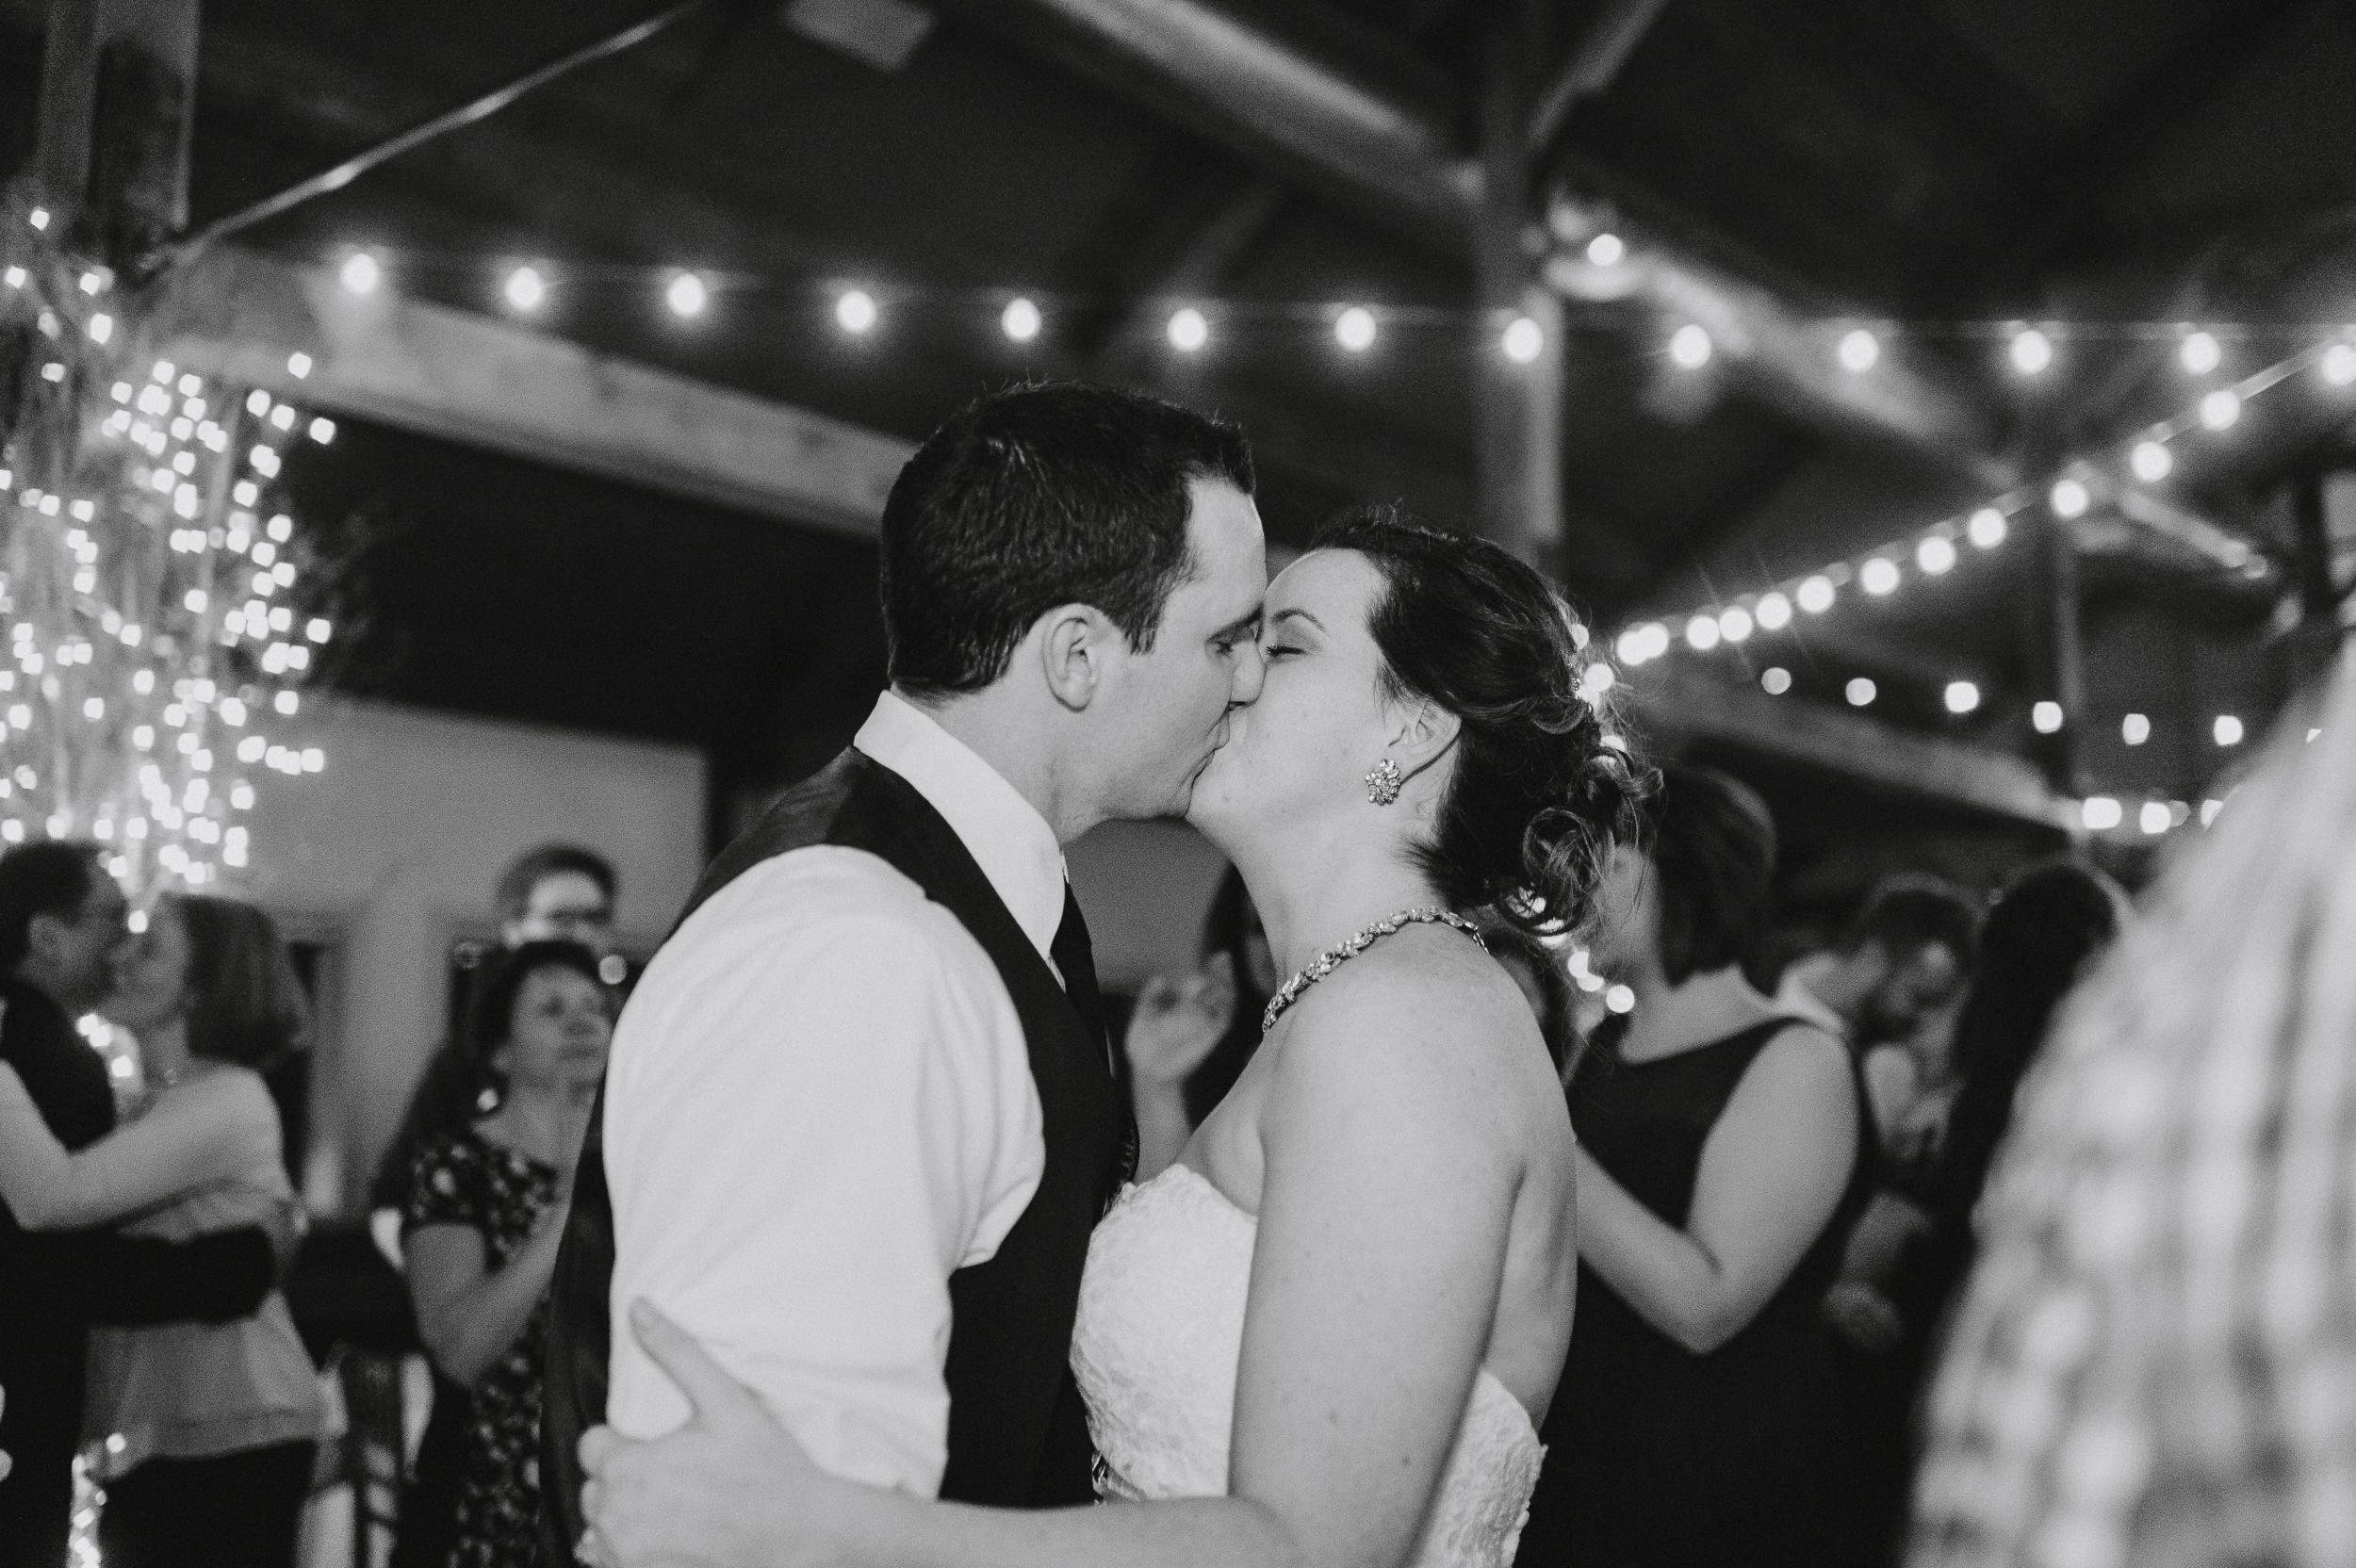 vermont-destination-wedding-photographer-77.jpg